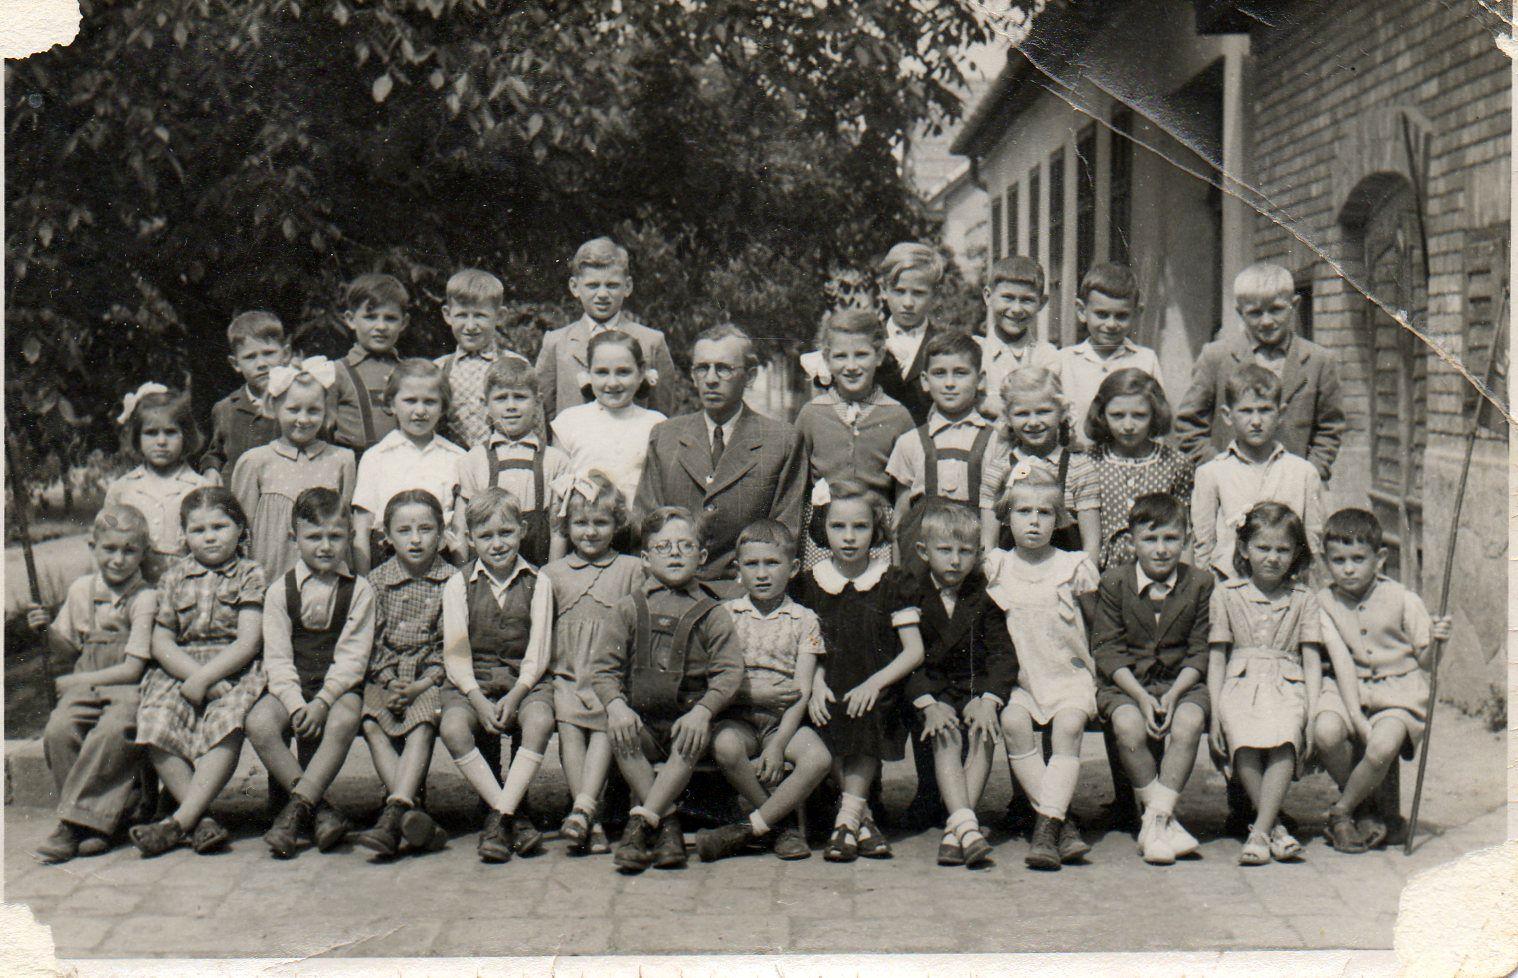 Riener Rezső kántortanító diákjai körében Kismaroson, feltehetően az 1954/55-ös tanévben - Forrás: Merész Ferenc Csaba